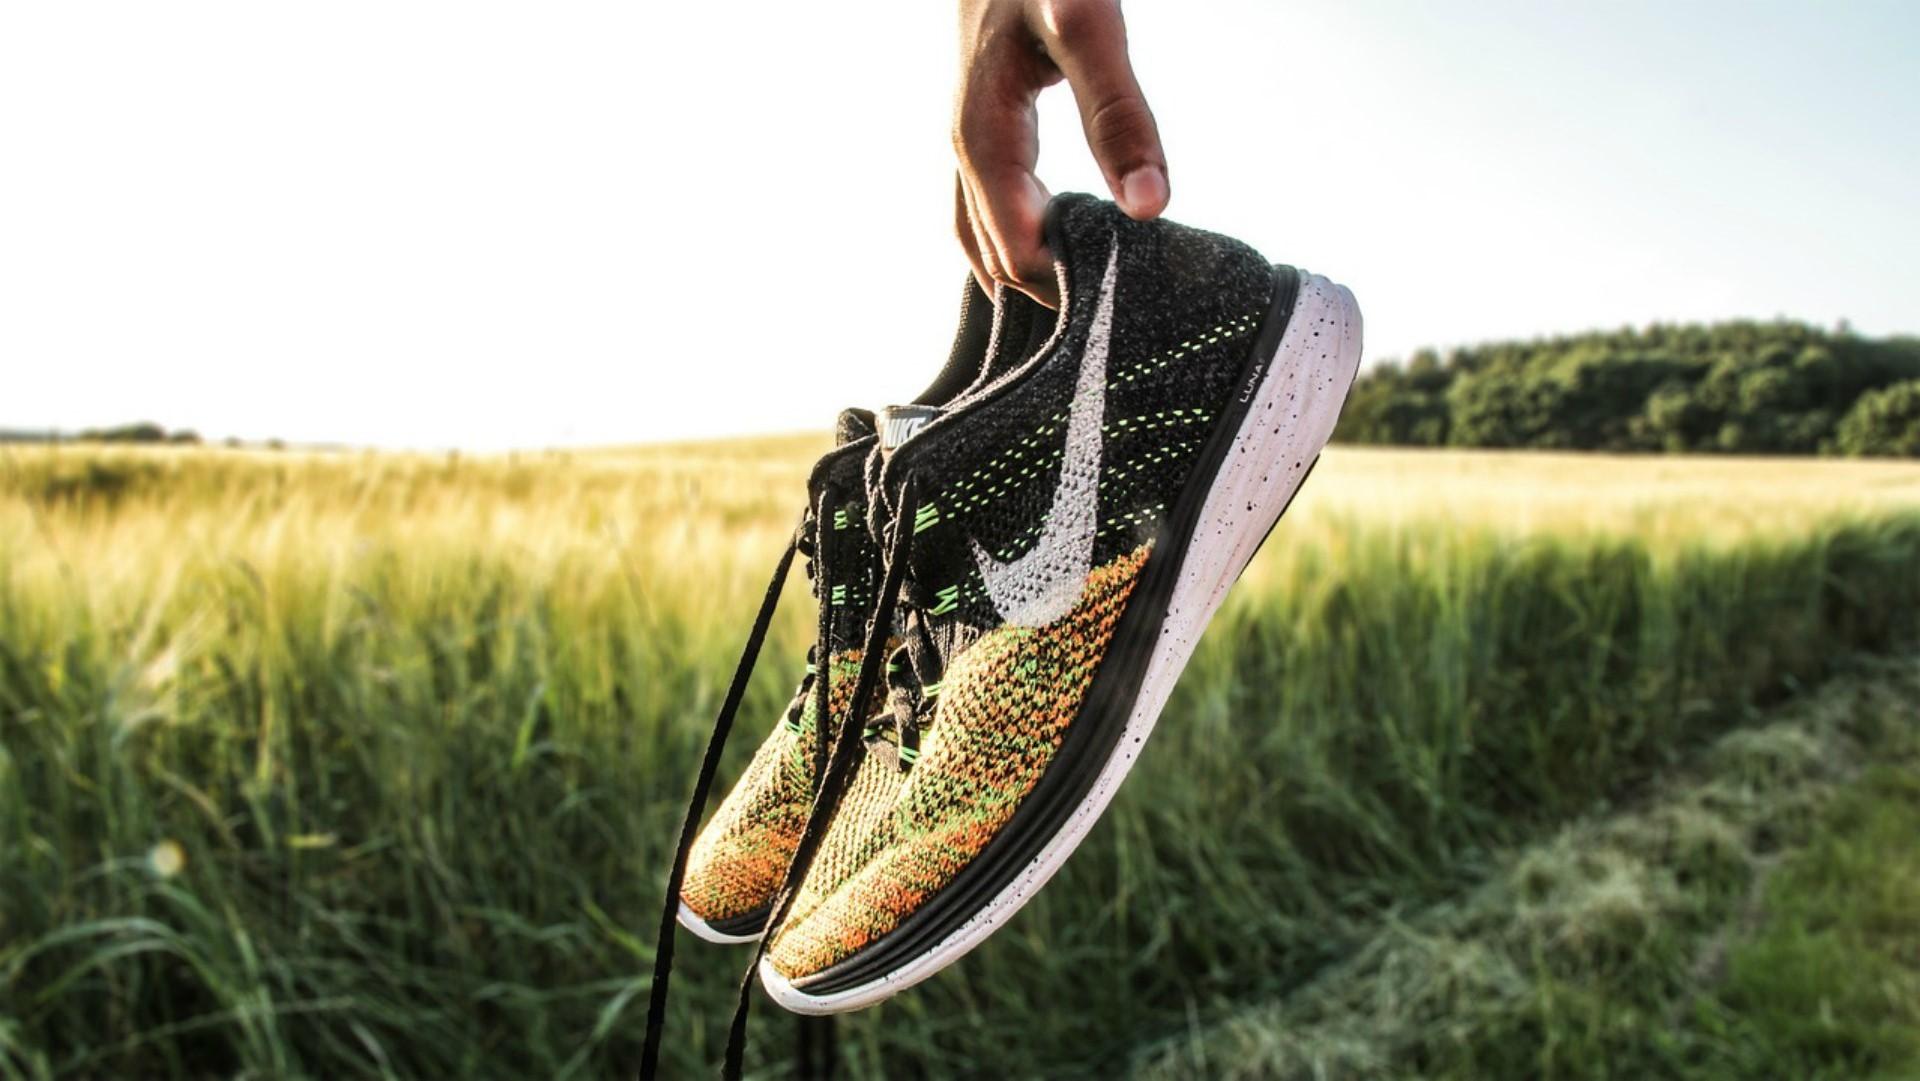 Przegląd letniej kolekcji butów Nike. Noszą je gwiazdy sportu i celebryci!